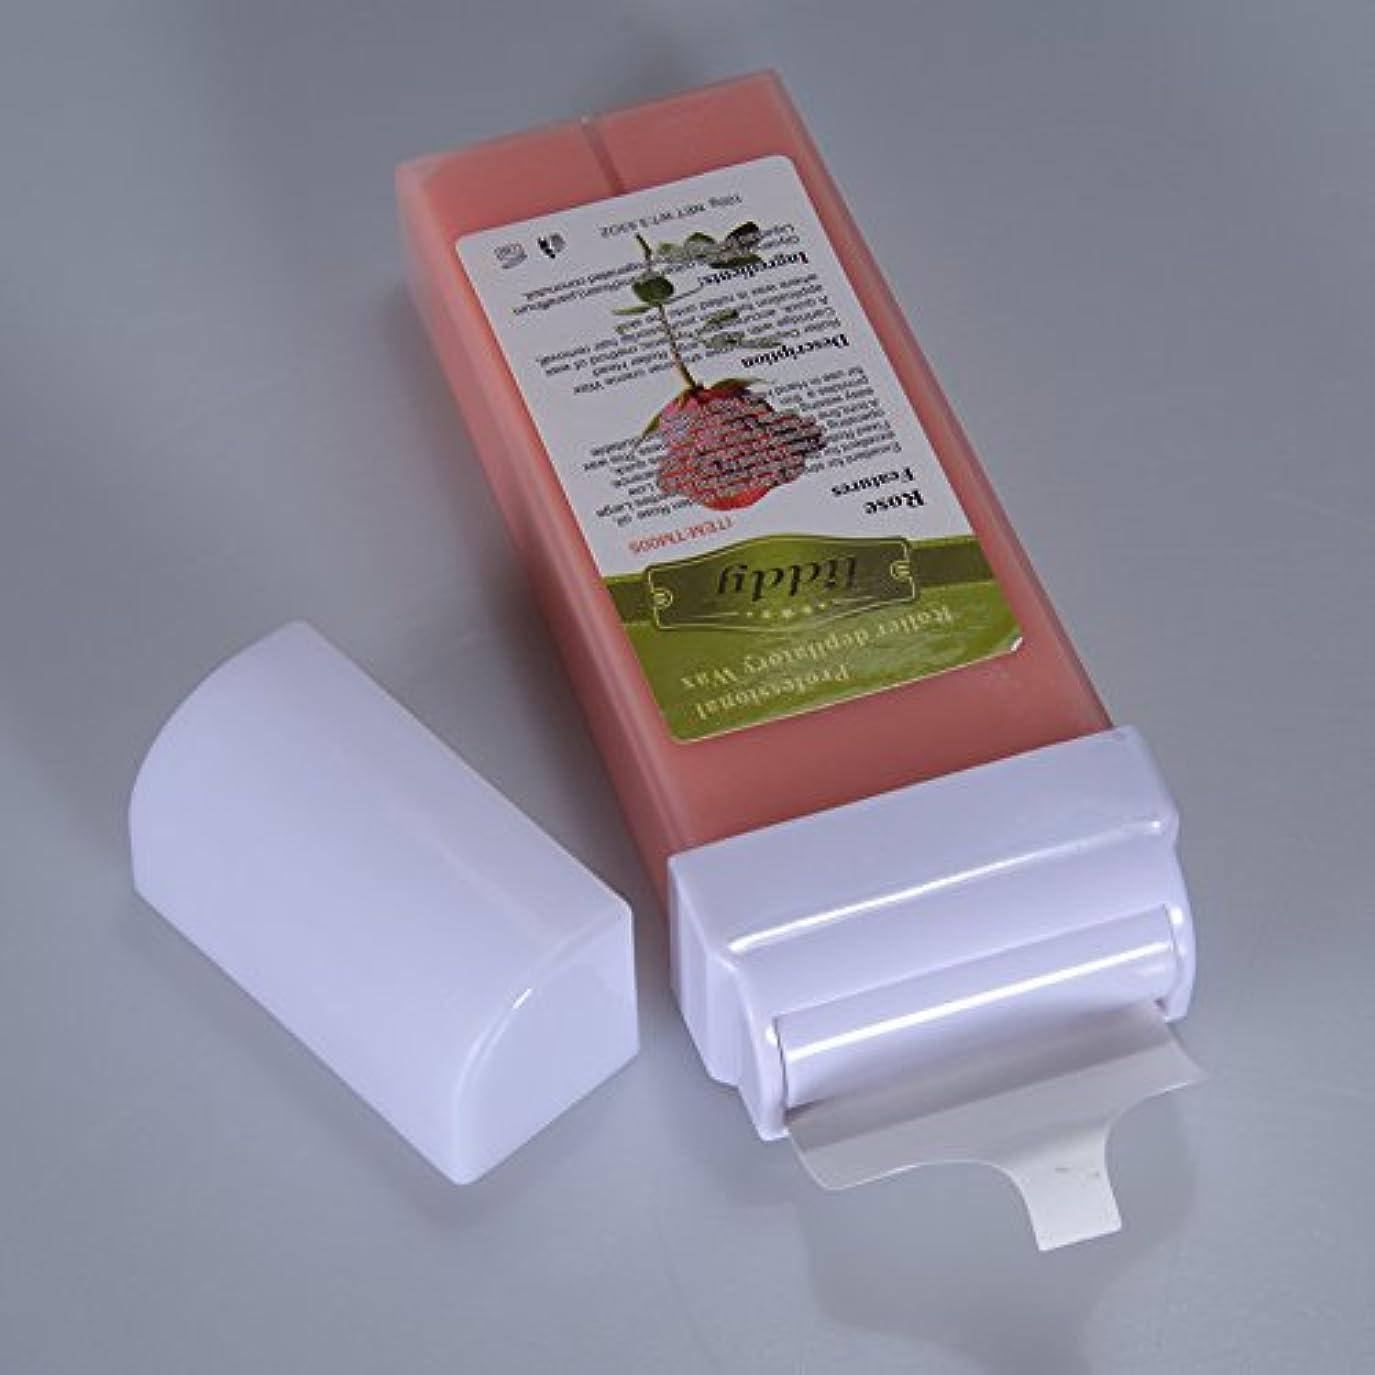 辛いテナント正当なRabugoo 脱毛プロフェッショナル使用水溶性脱毛砂糖ワックスカートリッジワックスグッドスメル - 100g / 3.53oz 100g rose